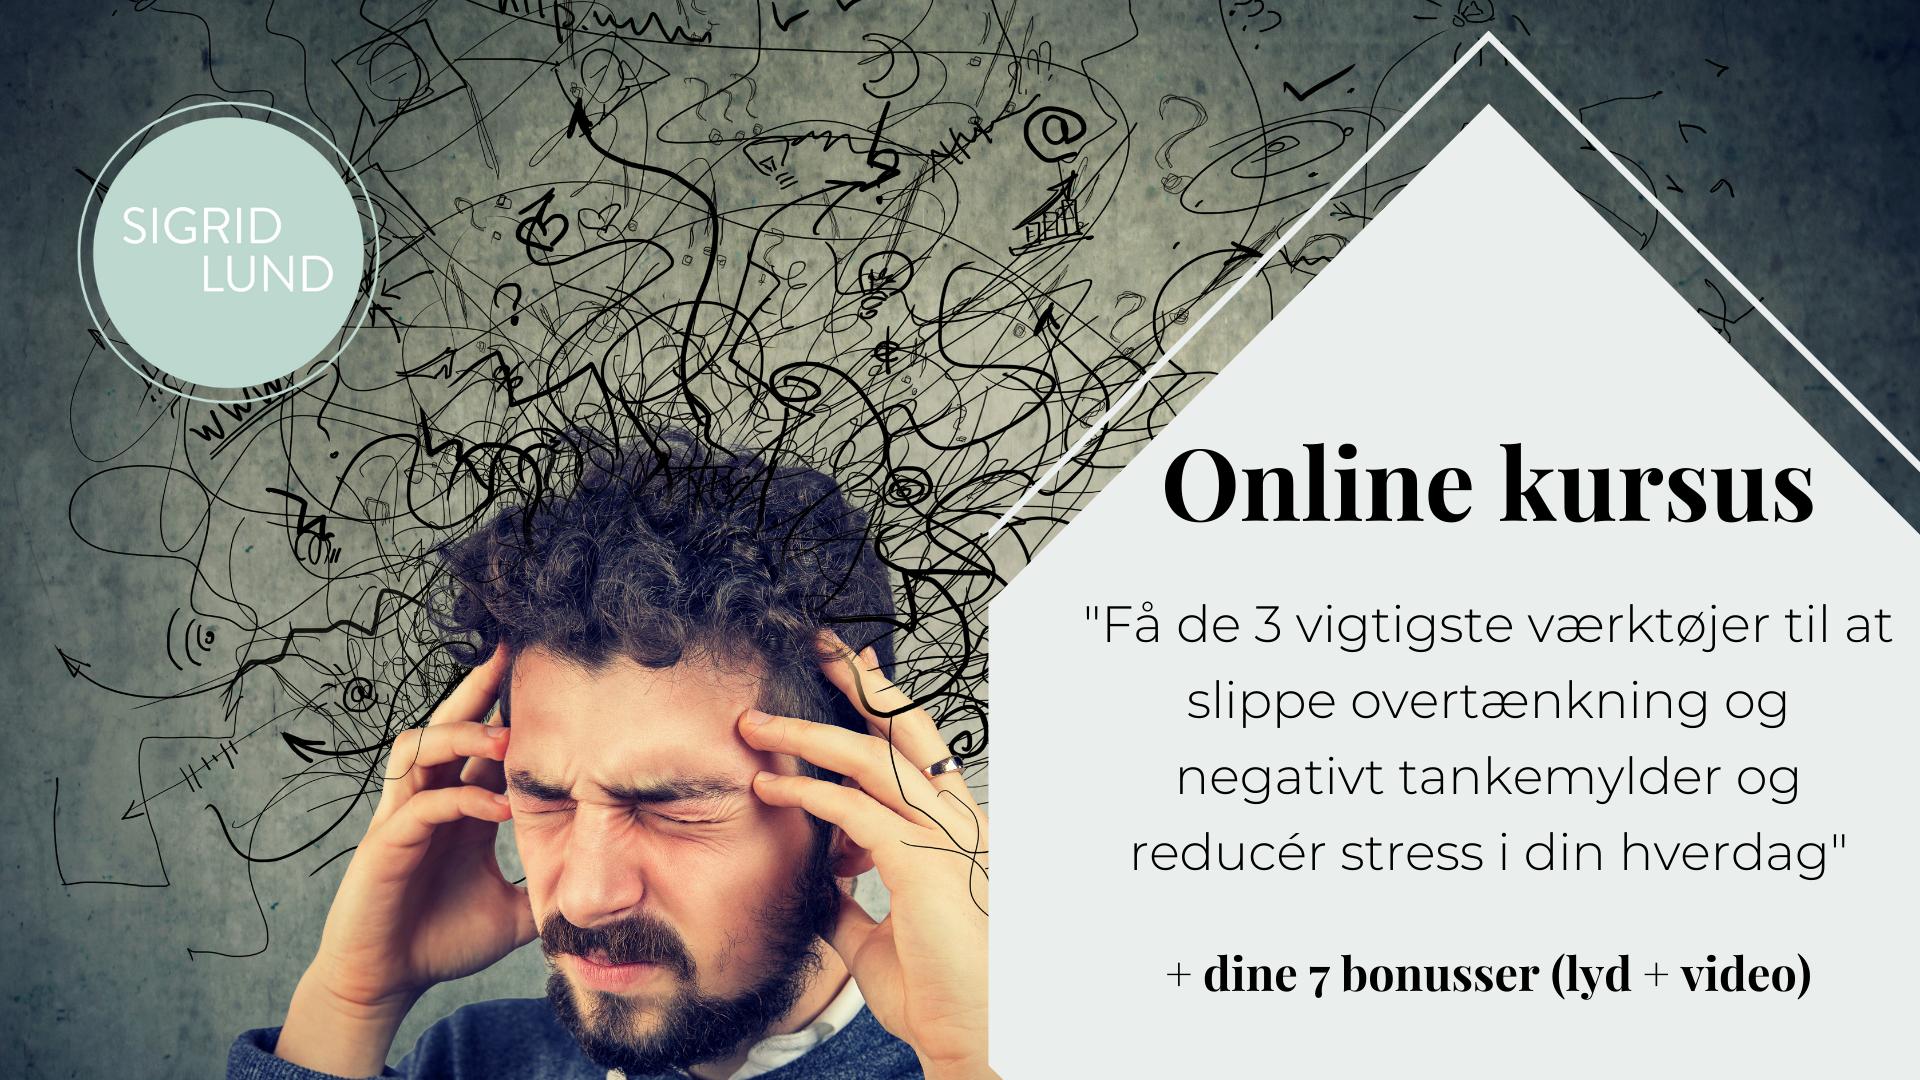 """Online kursus """"Få de 3 vigtigste værktøjer til at slippe tankemylder og overtækning"""""""